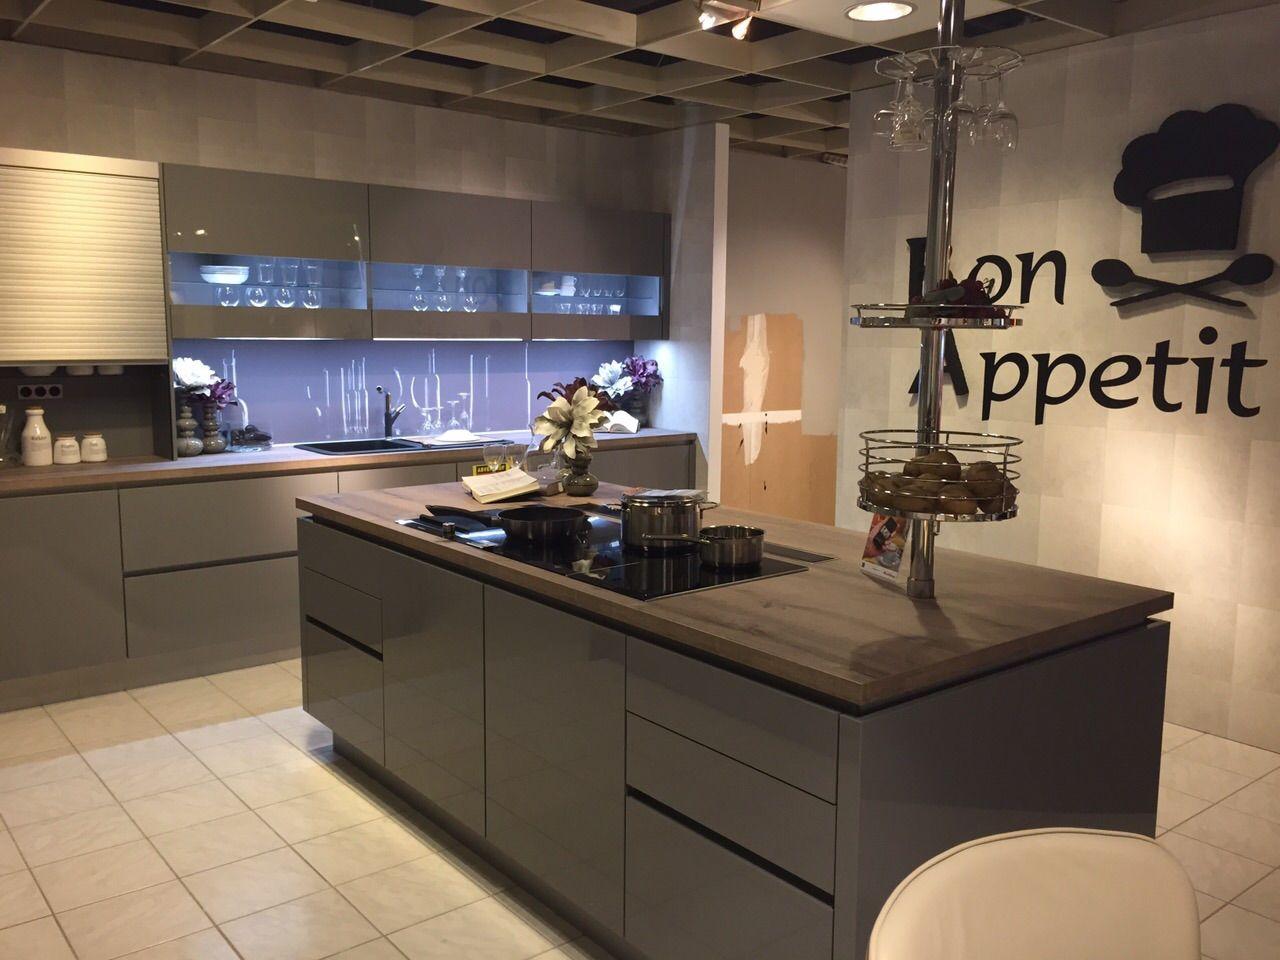 grifflose - küchen-info - Küche Ohne Griffe